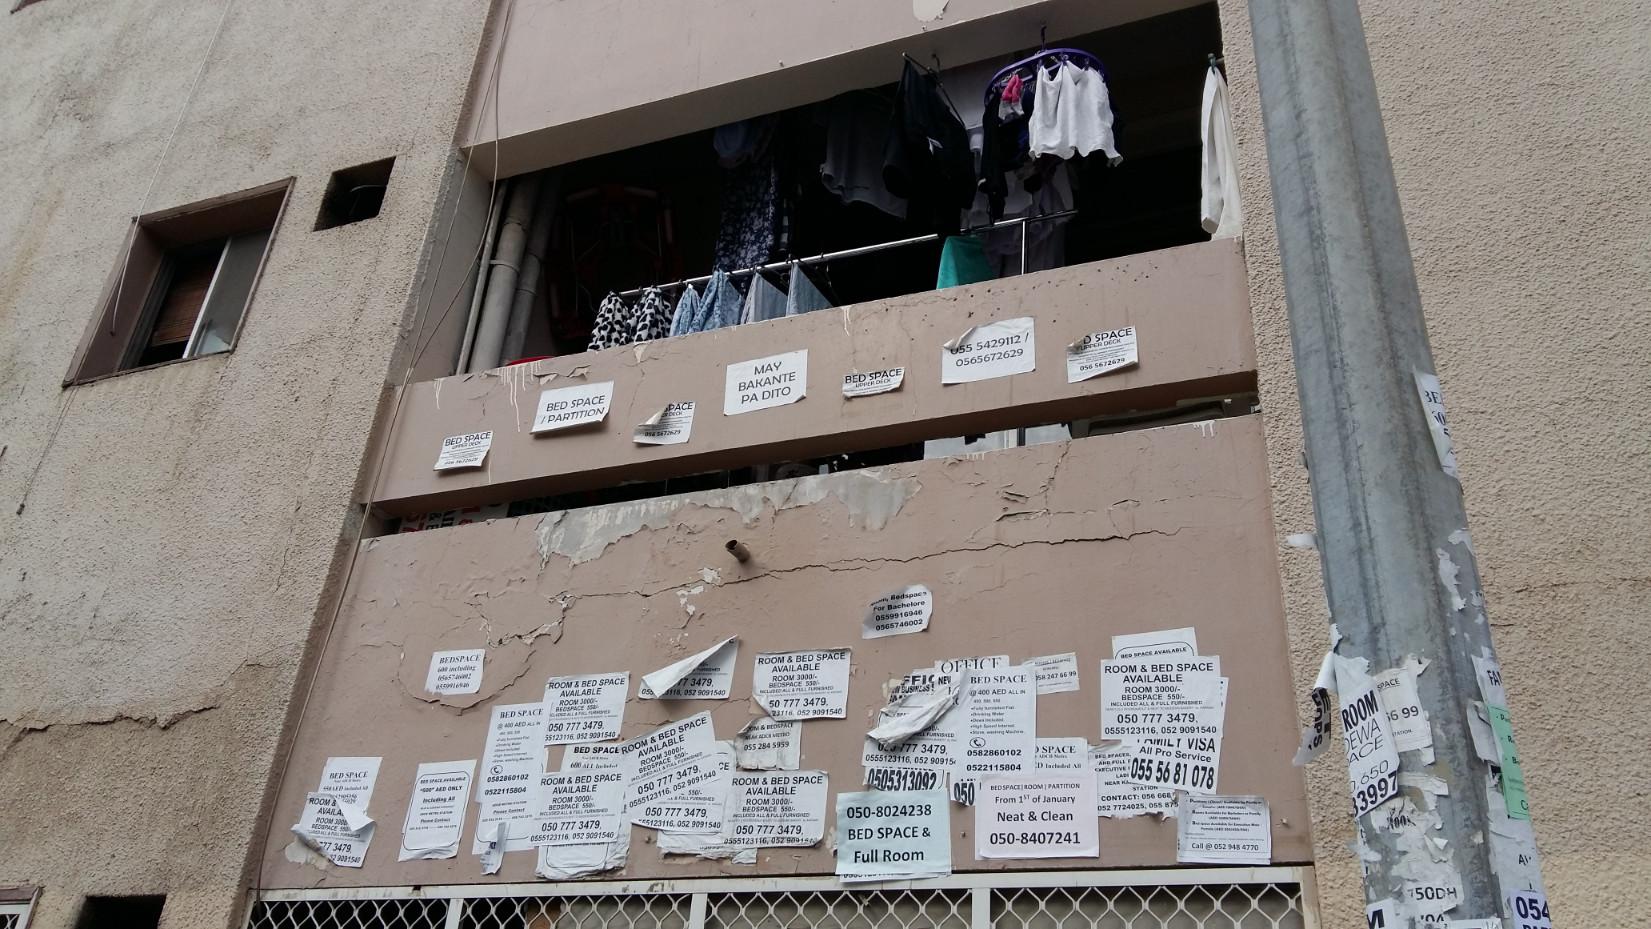 Hirdetményekkel teleragasztott falak